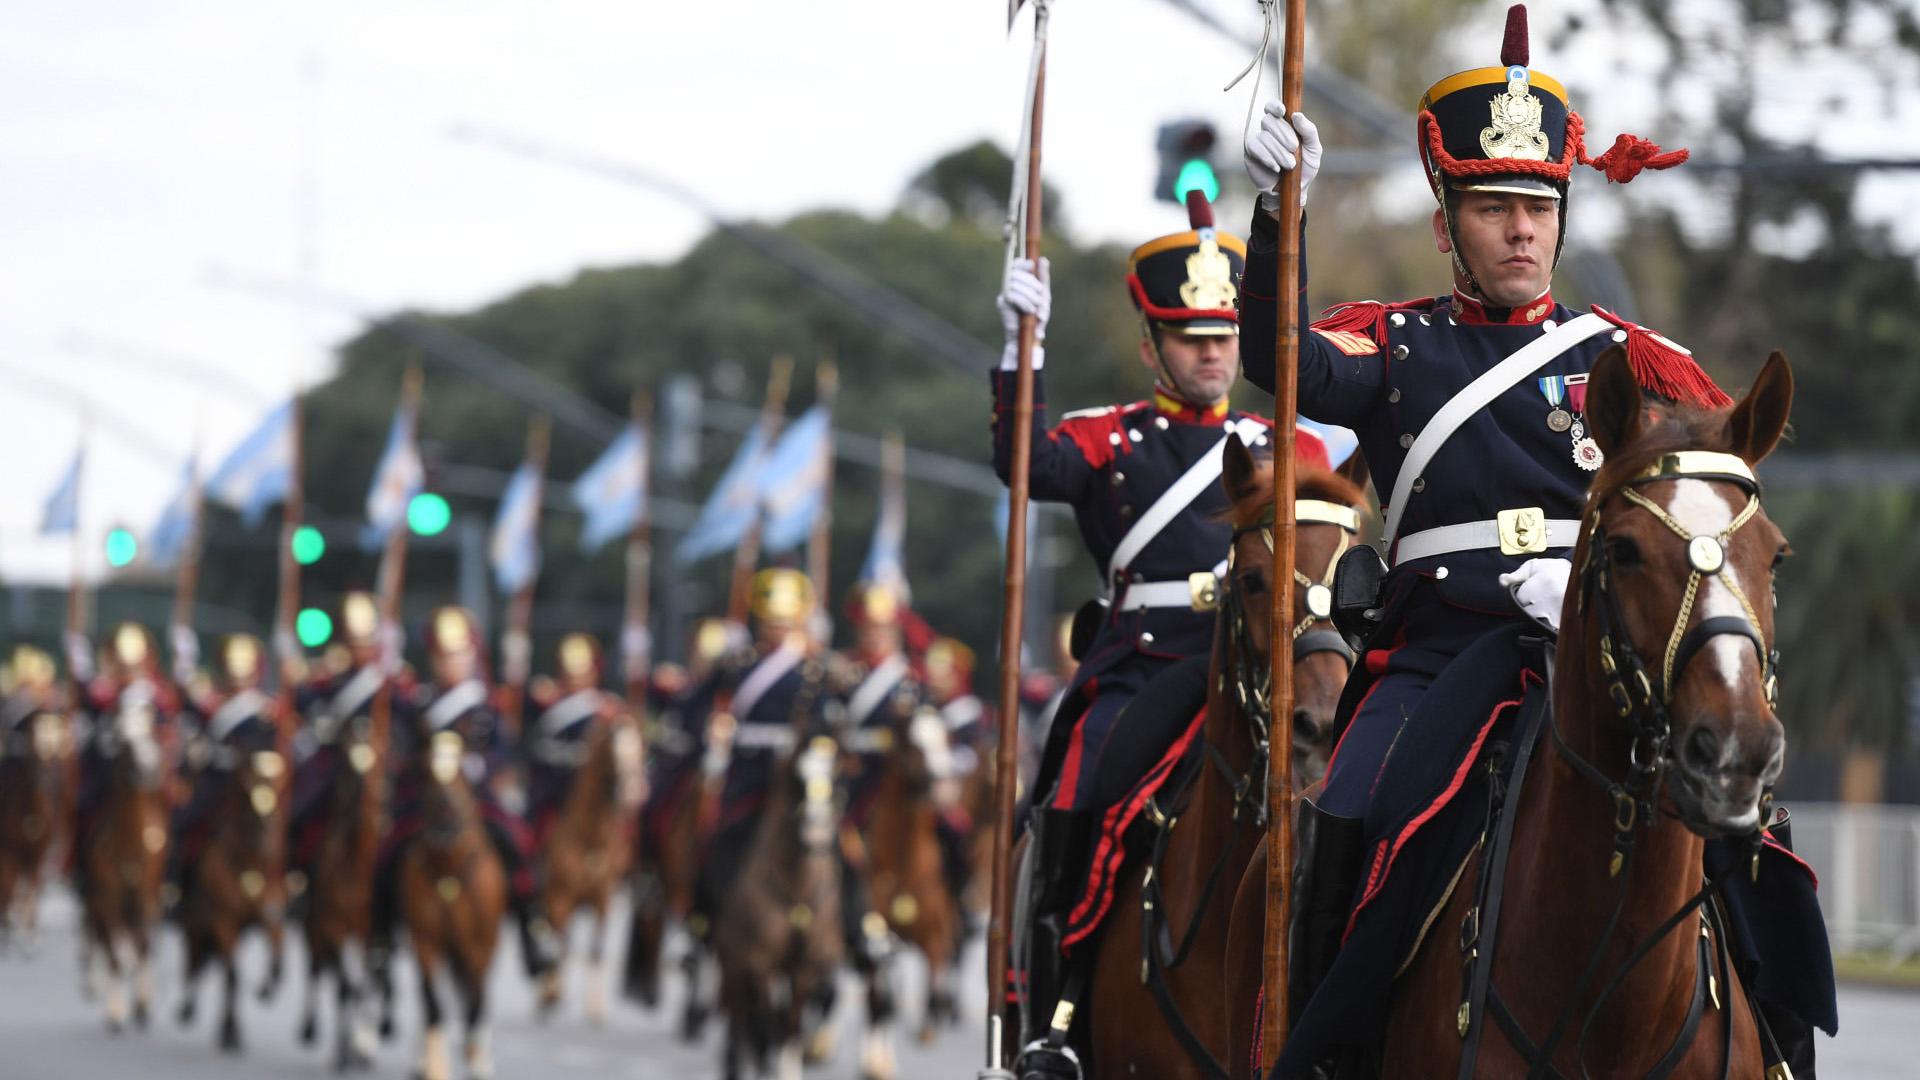 Se desplegaron más de 4.000 efectivos de a pie, motorizados y montados a caballo, bandas militares y de música –de distintos regimientos y cuerpos– y 16 aeronaves militares en vuelo.